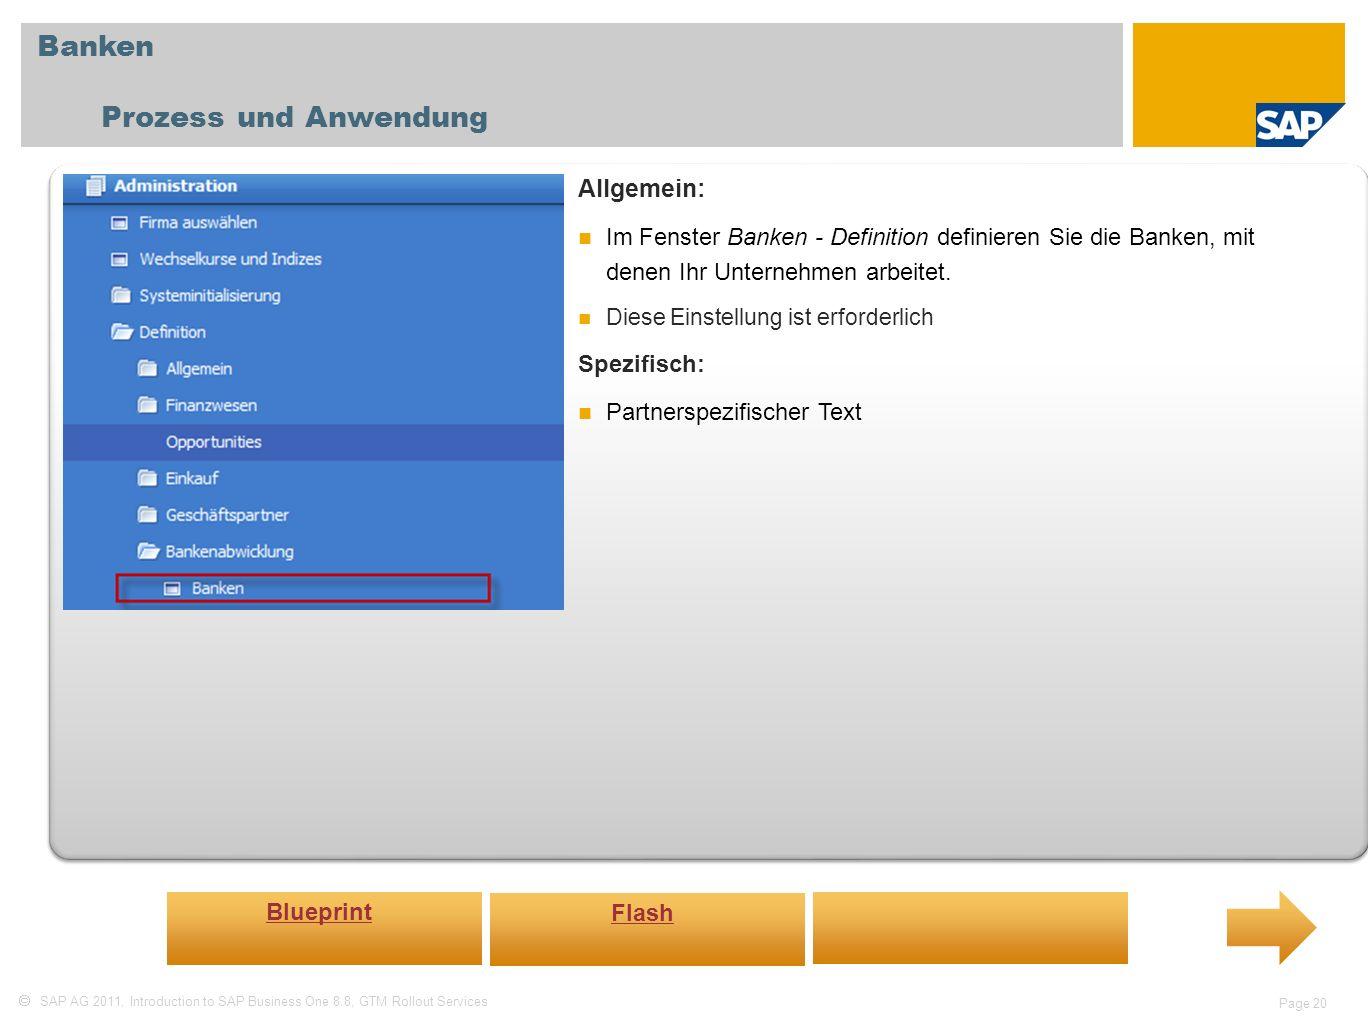 SAP AG 2011, Introduction to SAP Business One 8.8, GTM Rollout Services Page 20 Banken Prozess und Anwendung Allgemein: Im Fenster Banken - Definition definieren Sie die Banken, mit denen Ihr Unternehmen arbeitet.